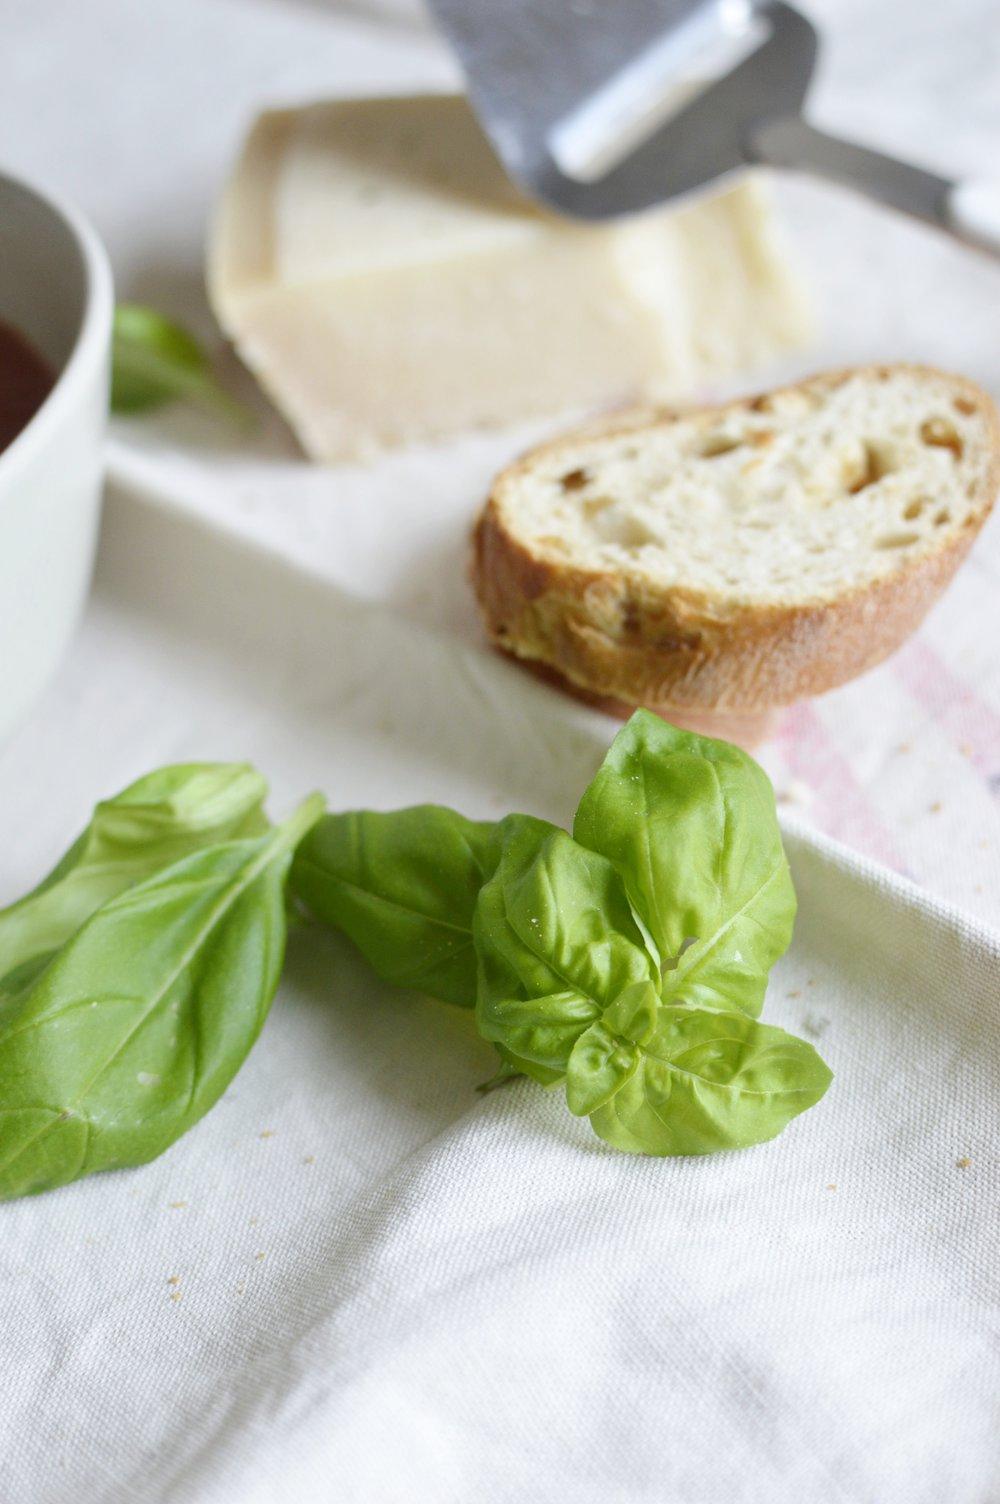 Rezept-Tomatensuppe-gesund-frisch-einfach-schnell-Basilikum-günstig